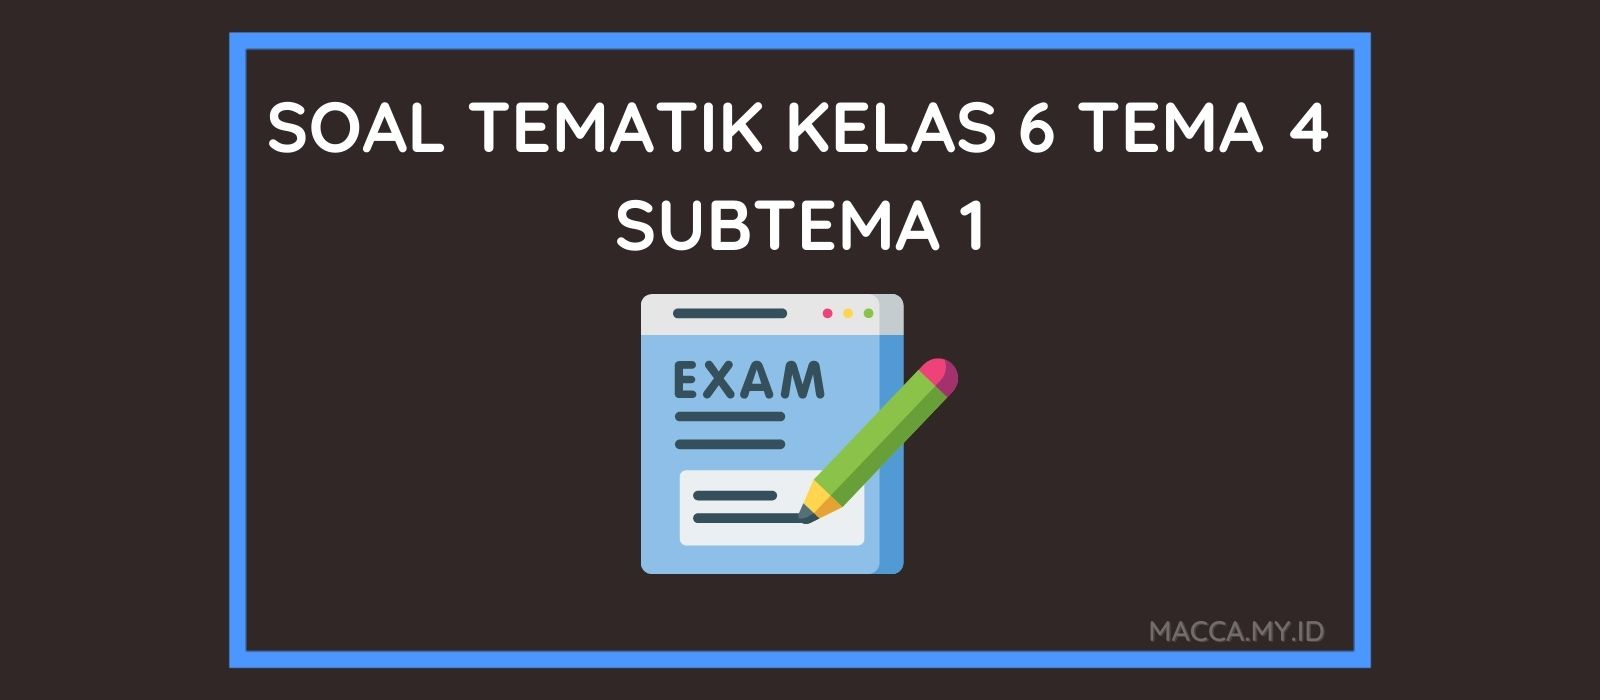 Soal Tematik Kelas 6 Tema 4 Subtema 1 dan Kunci Jawaban